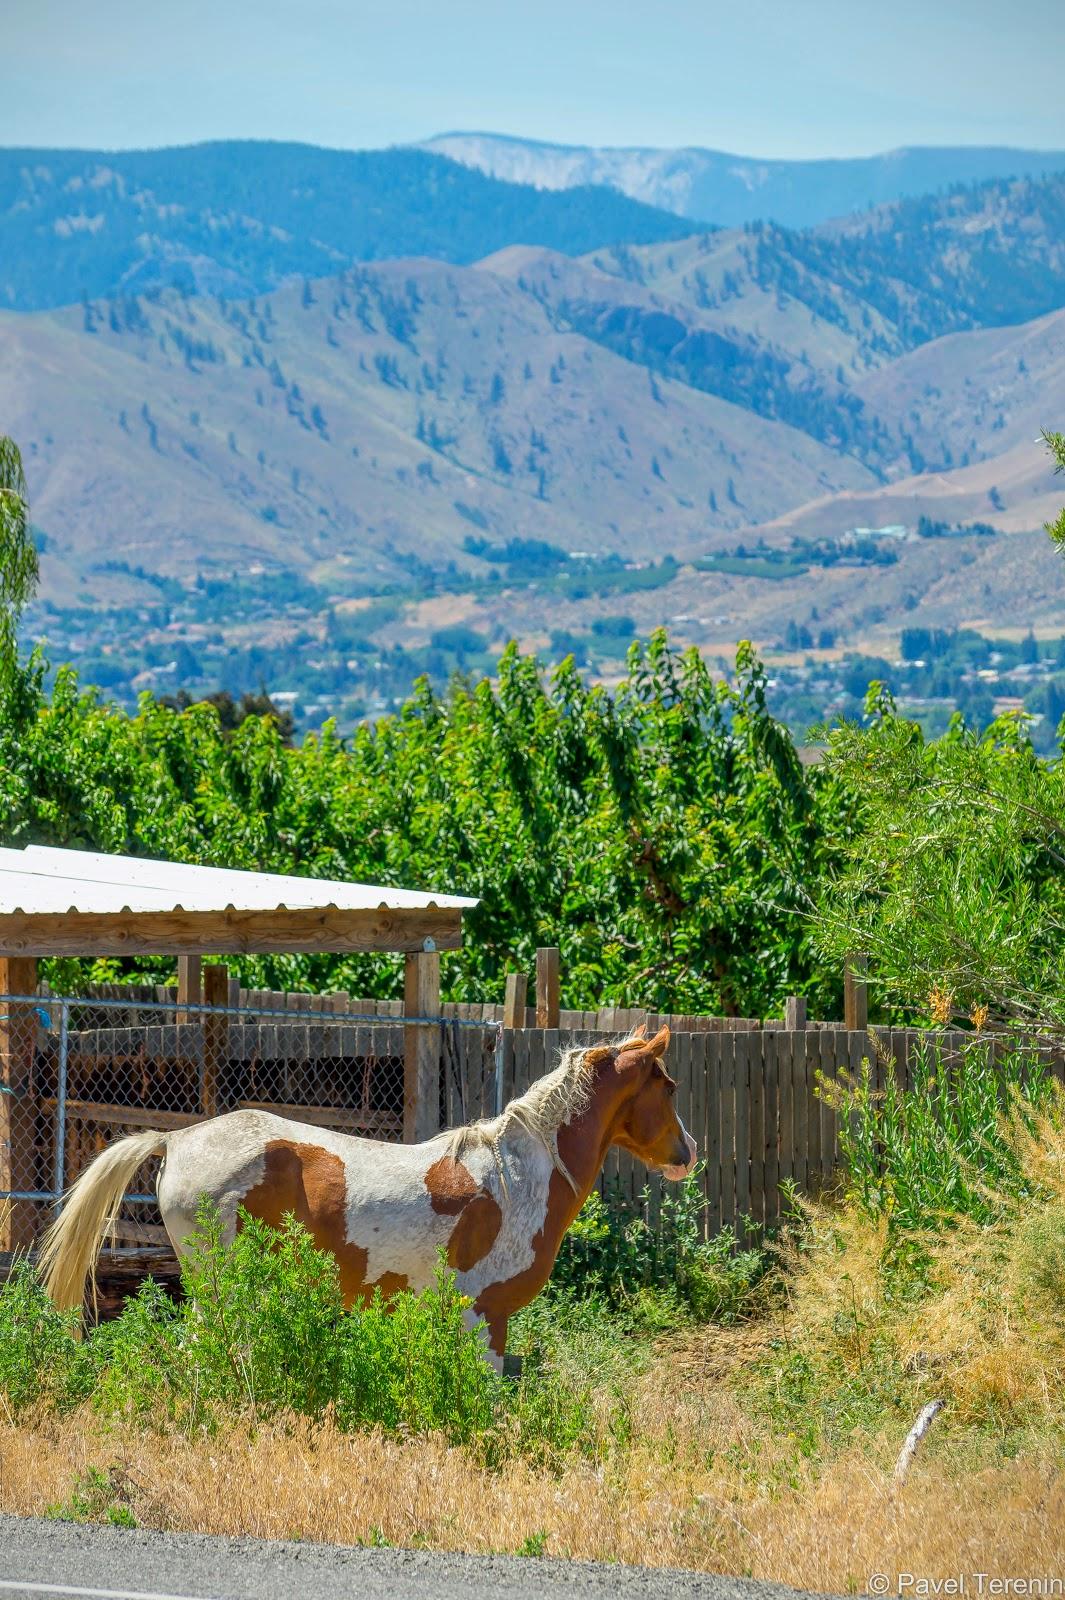 Тут и там пасутся лошади, добавляя окружающей обстановке колорит дикого запада.